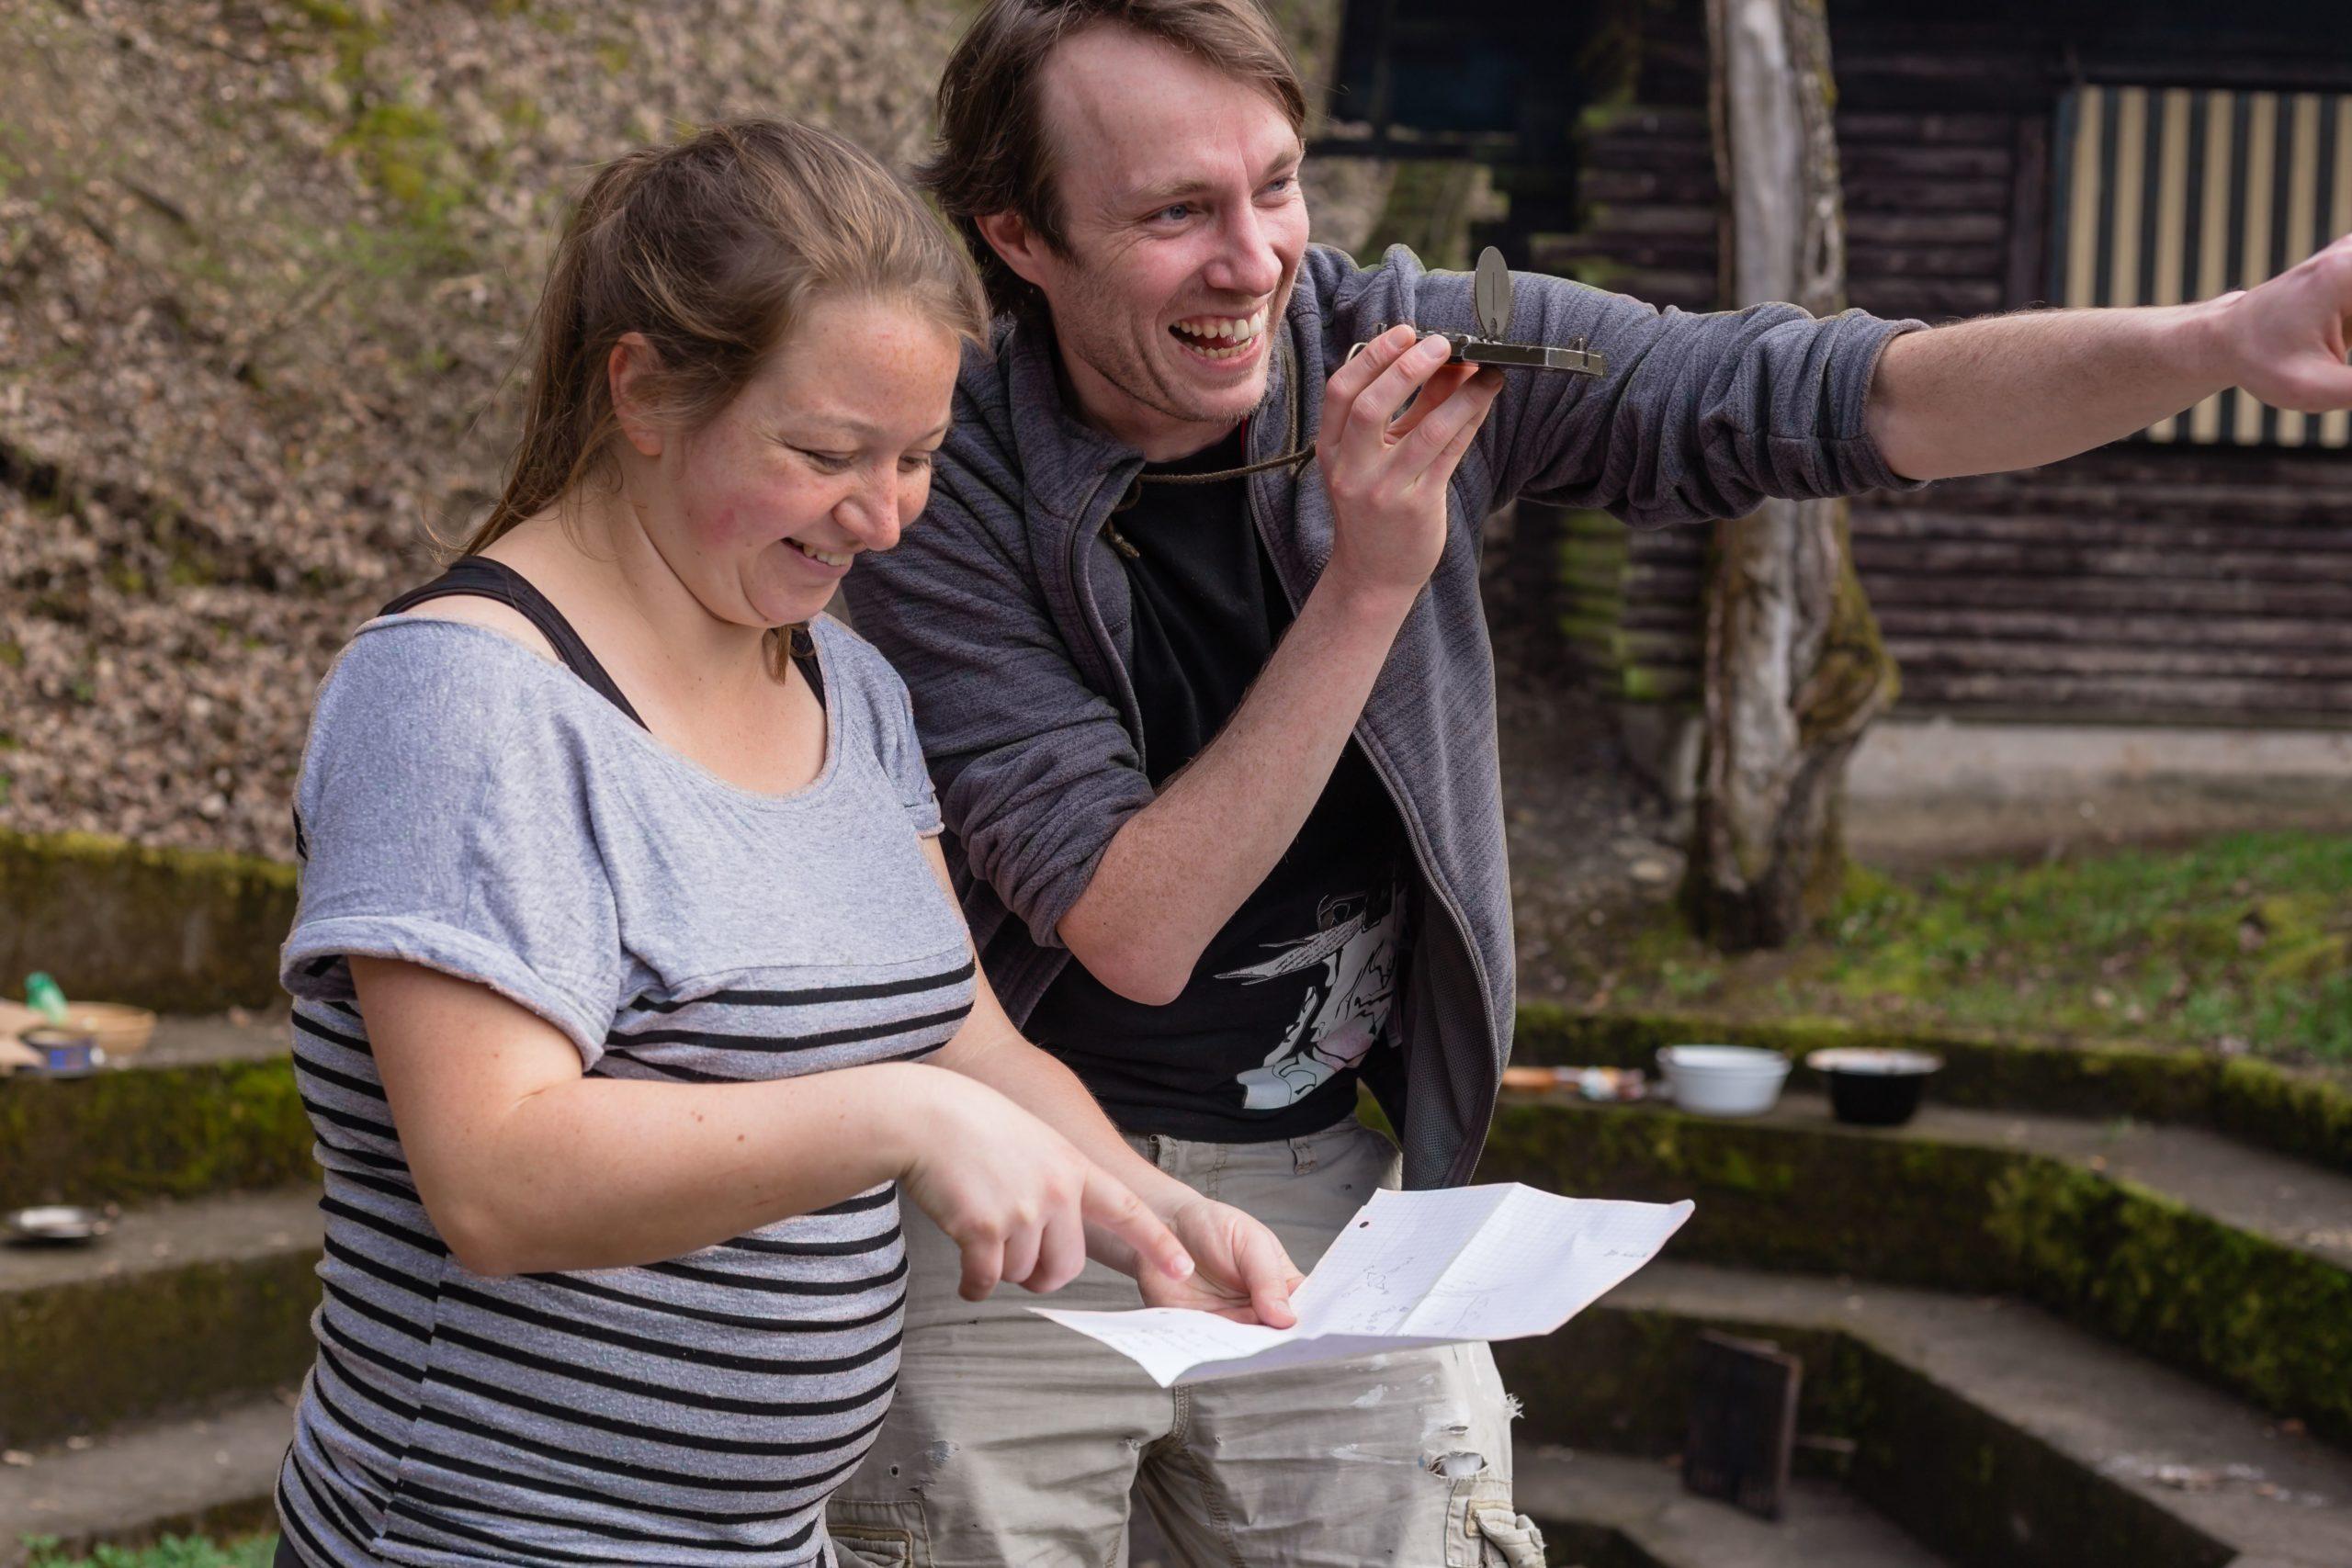 Zwei Personen navigieren mit Hilfe eines Kompasses und einer Karte